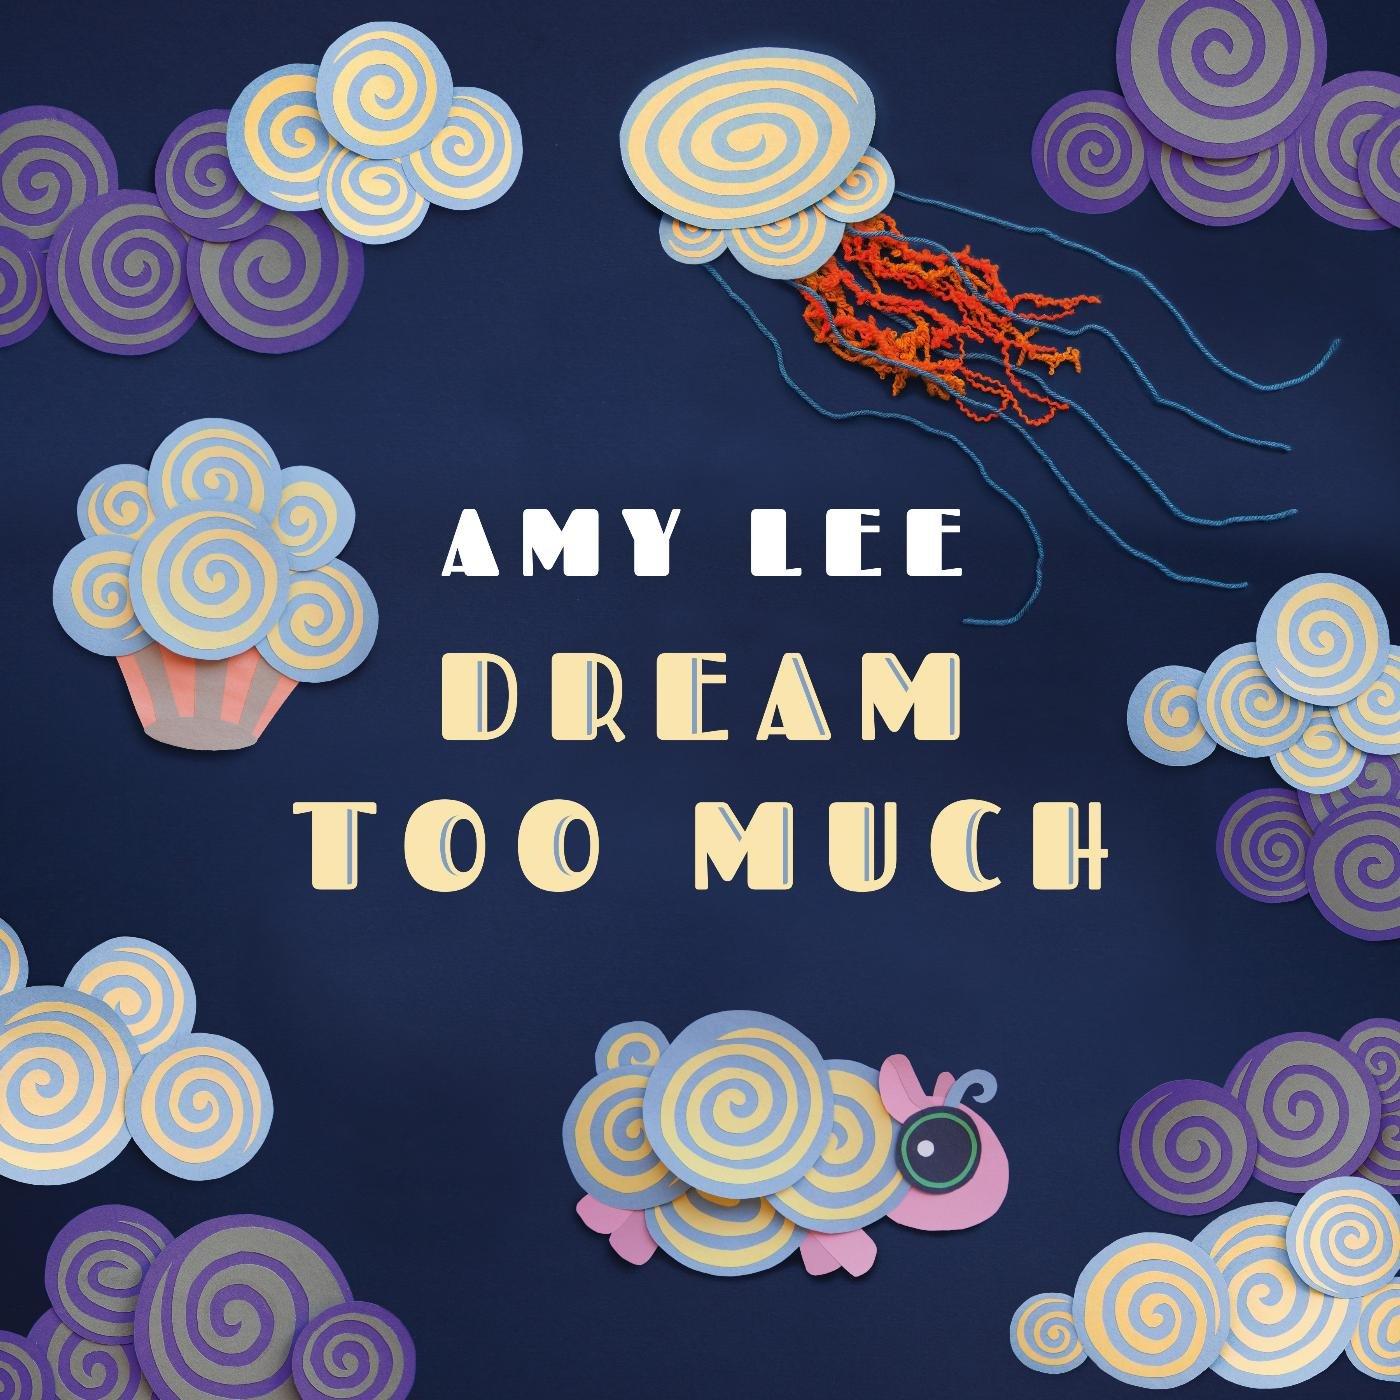 Amy Leed